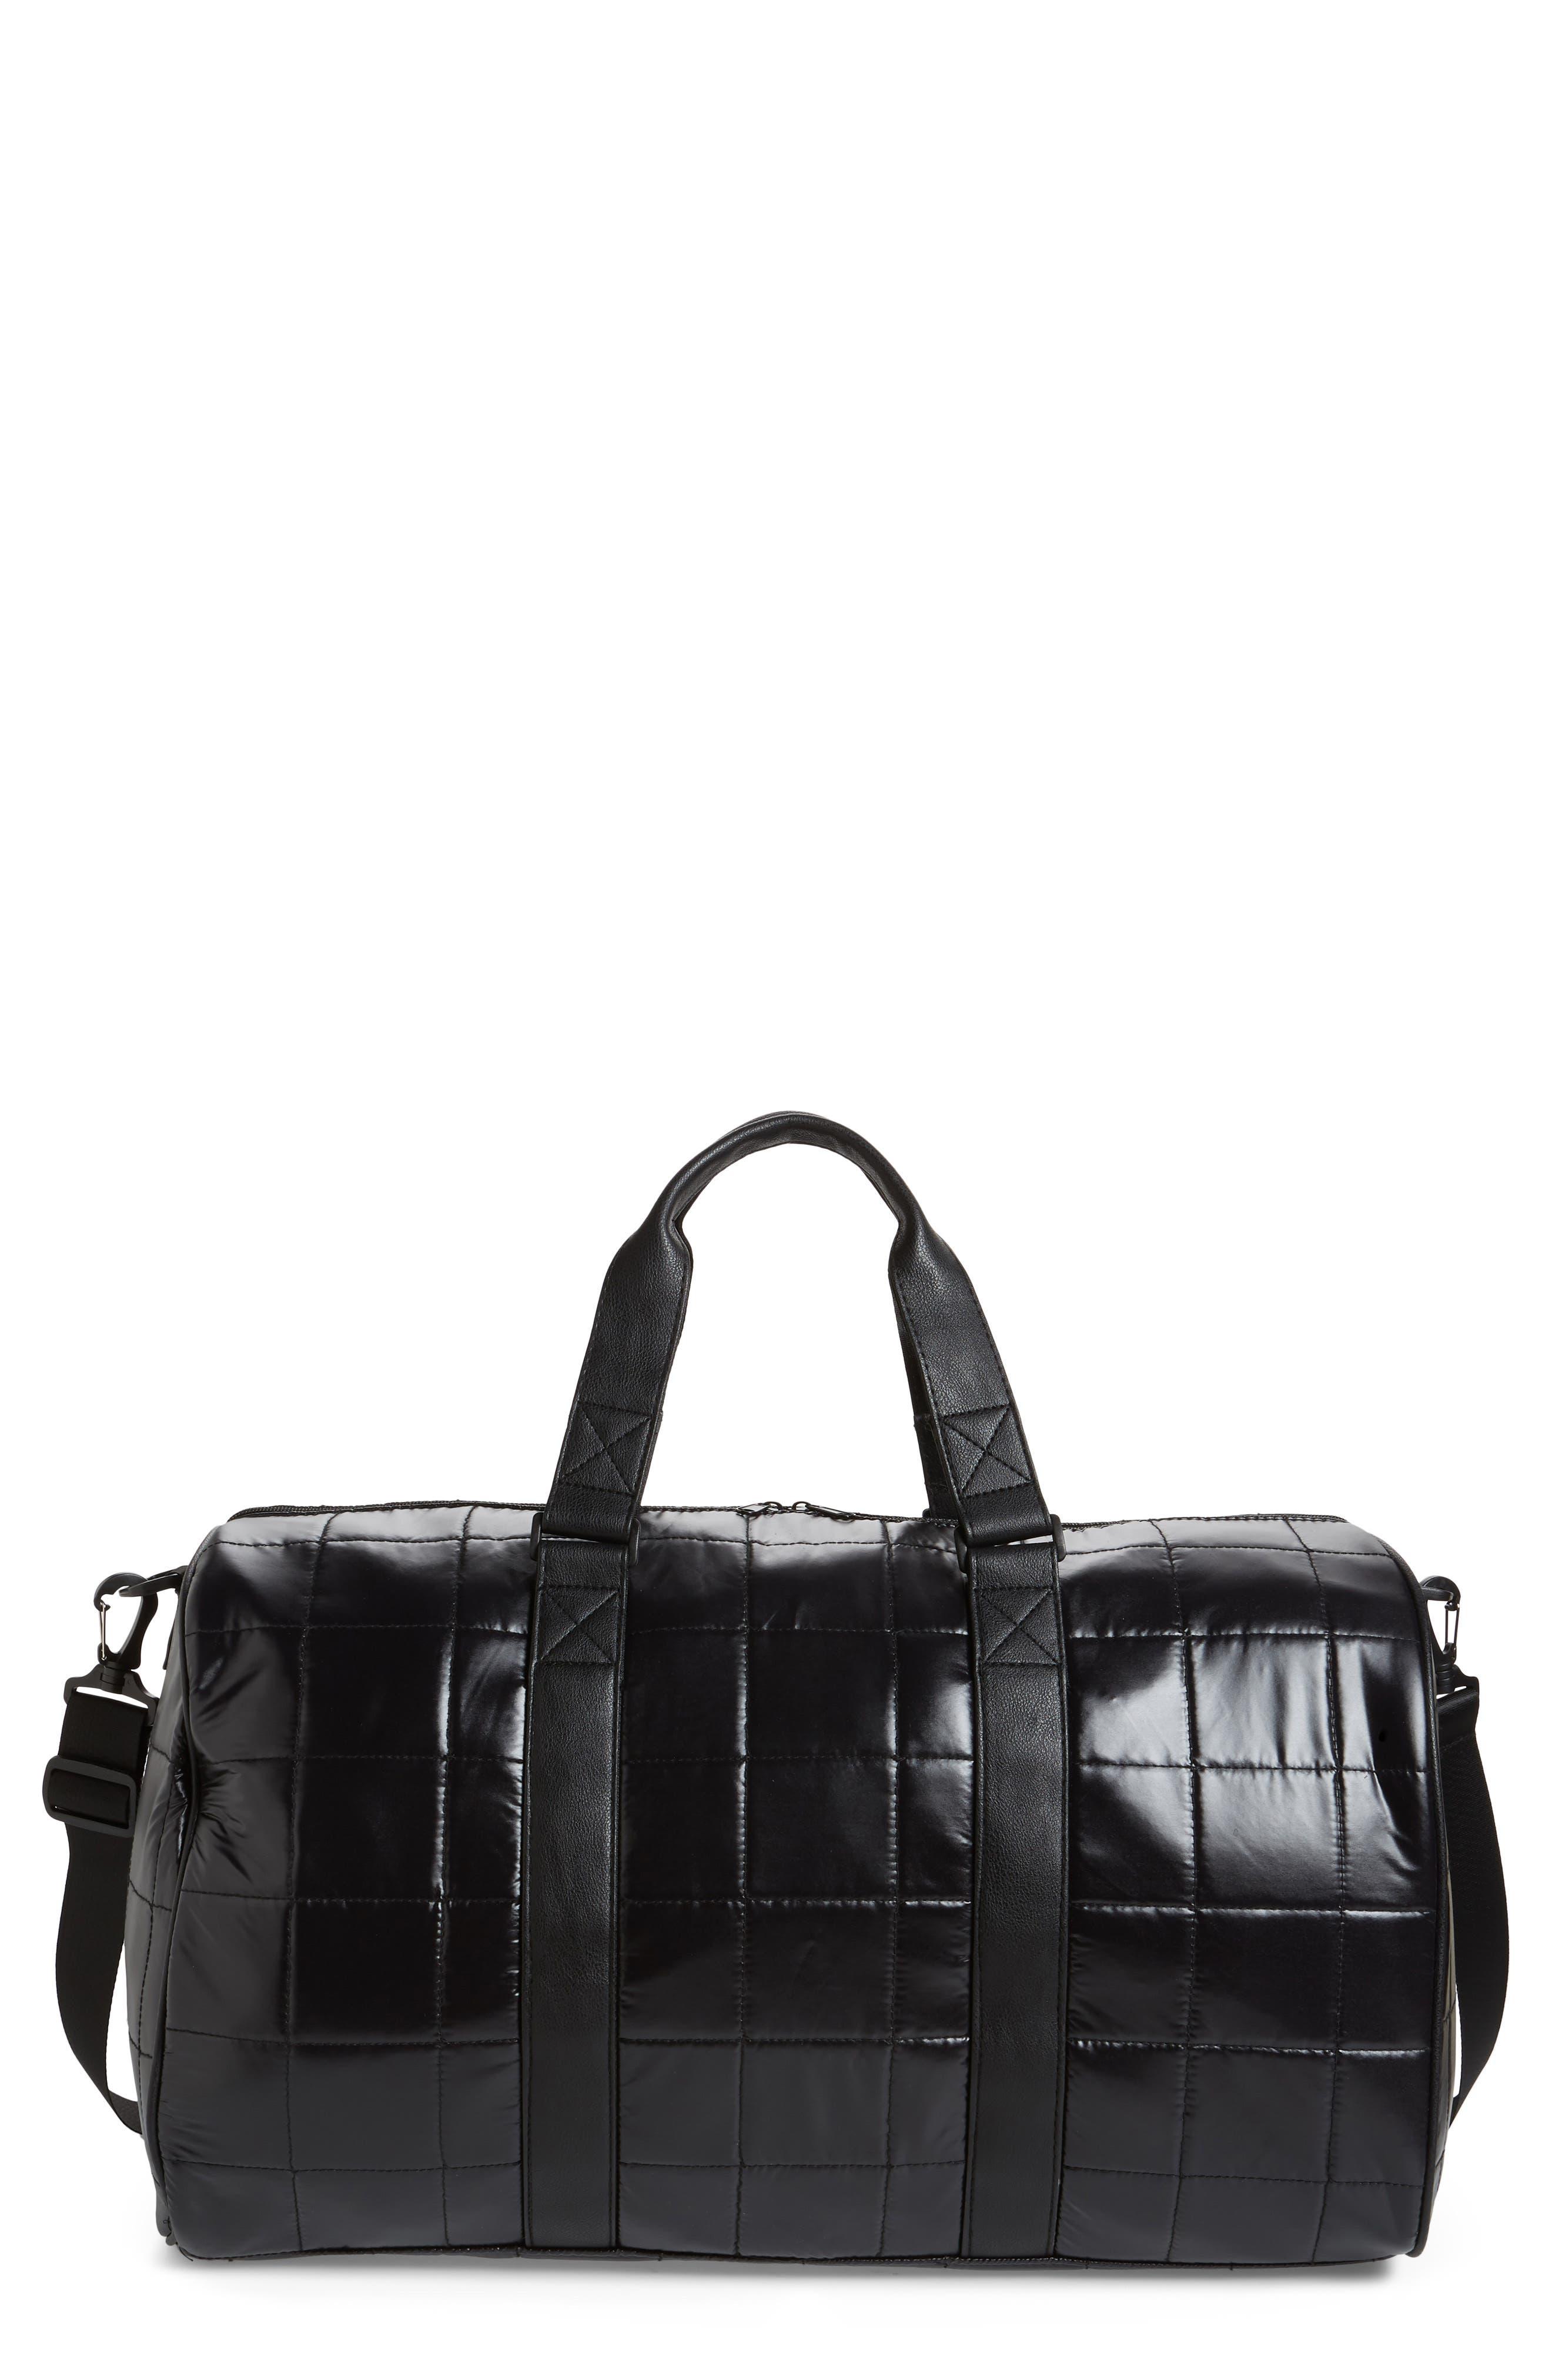 Puffer Duffel Bag,                         Main,                         color, 001